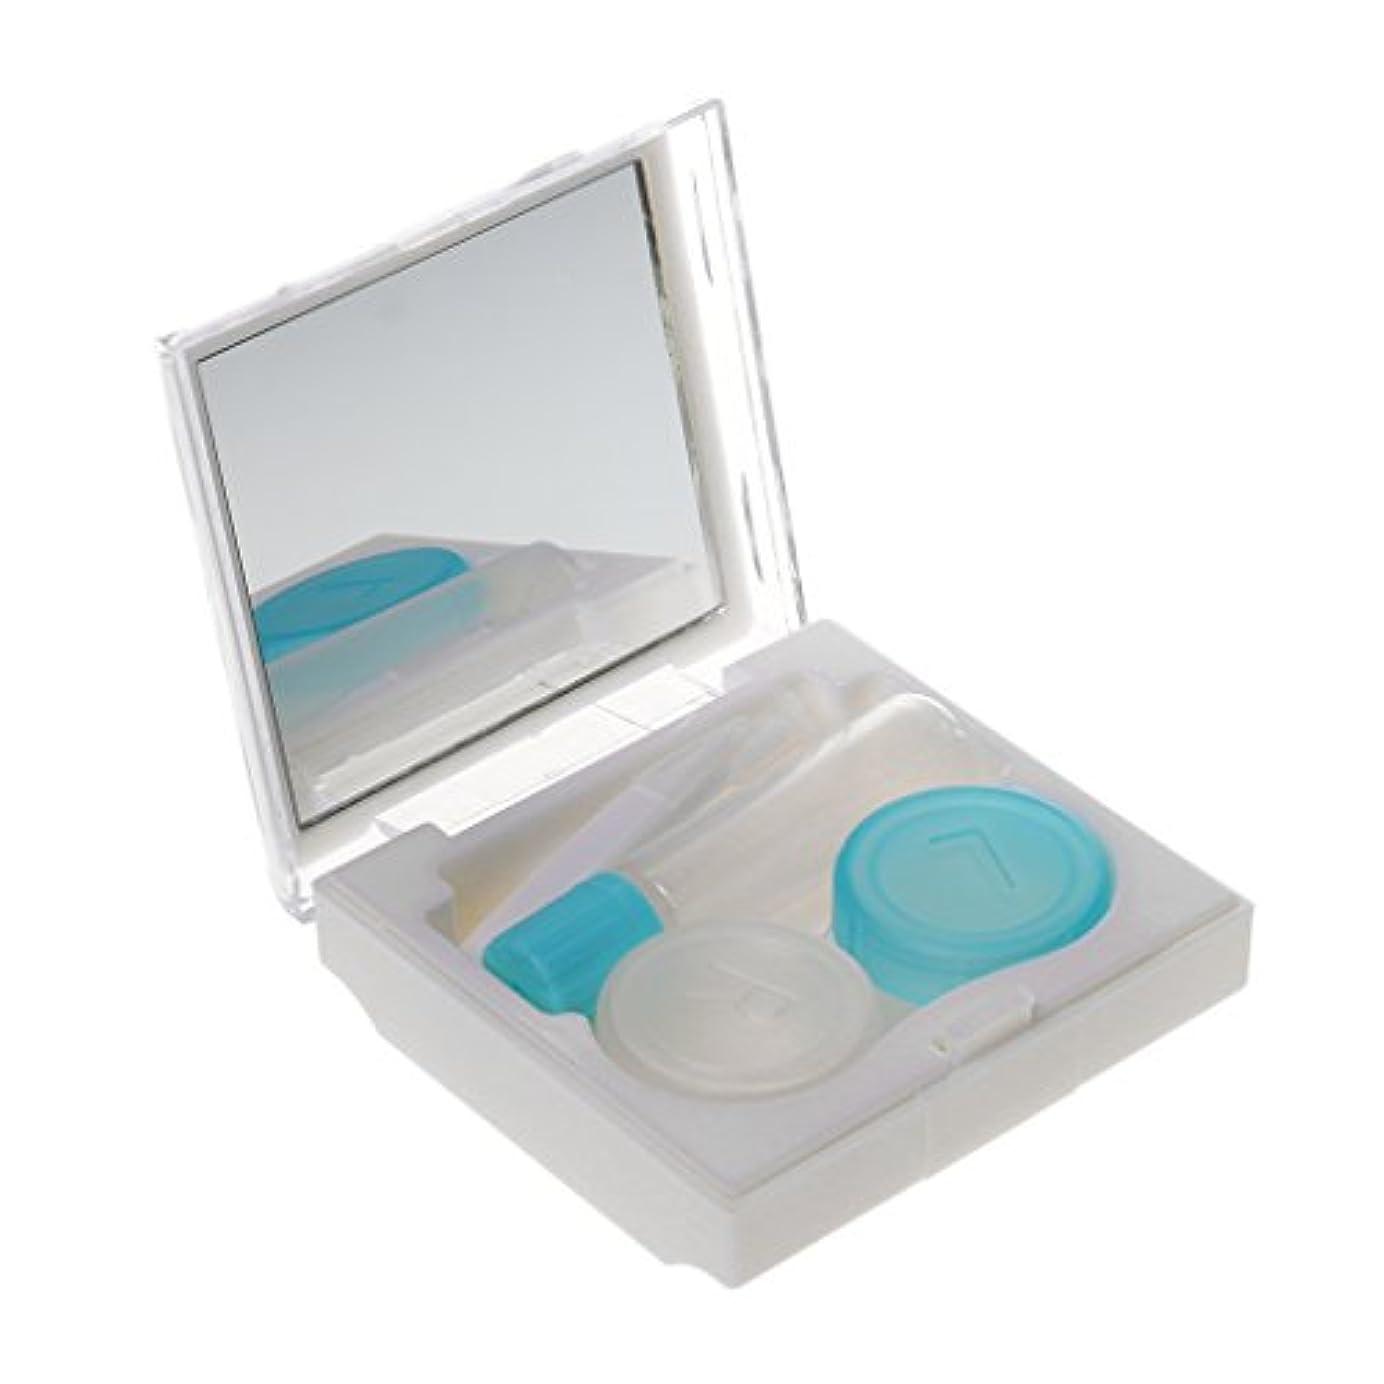 柔らかさラグ鏡chiwanji コンタクトケース コンタクトレンズケース 収納 持ち運びやすい